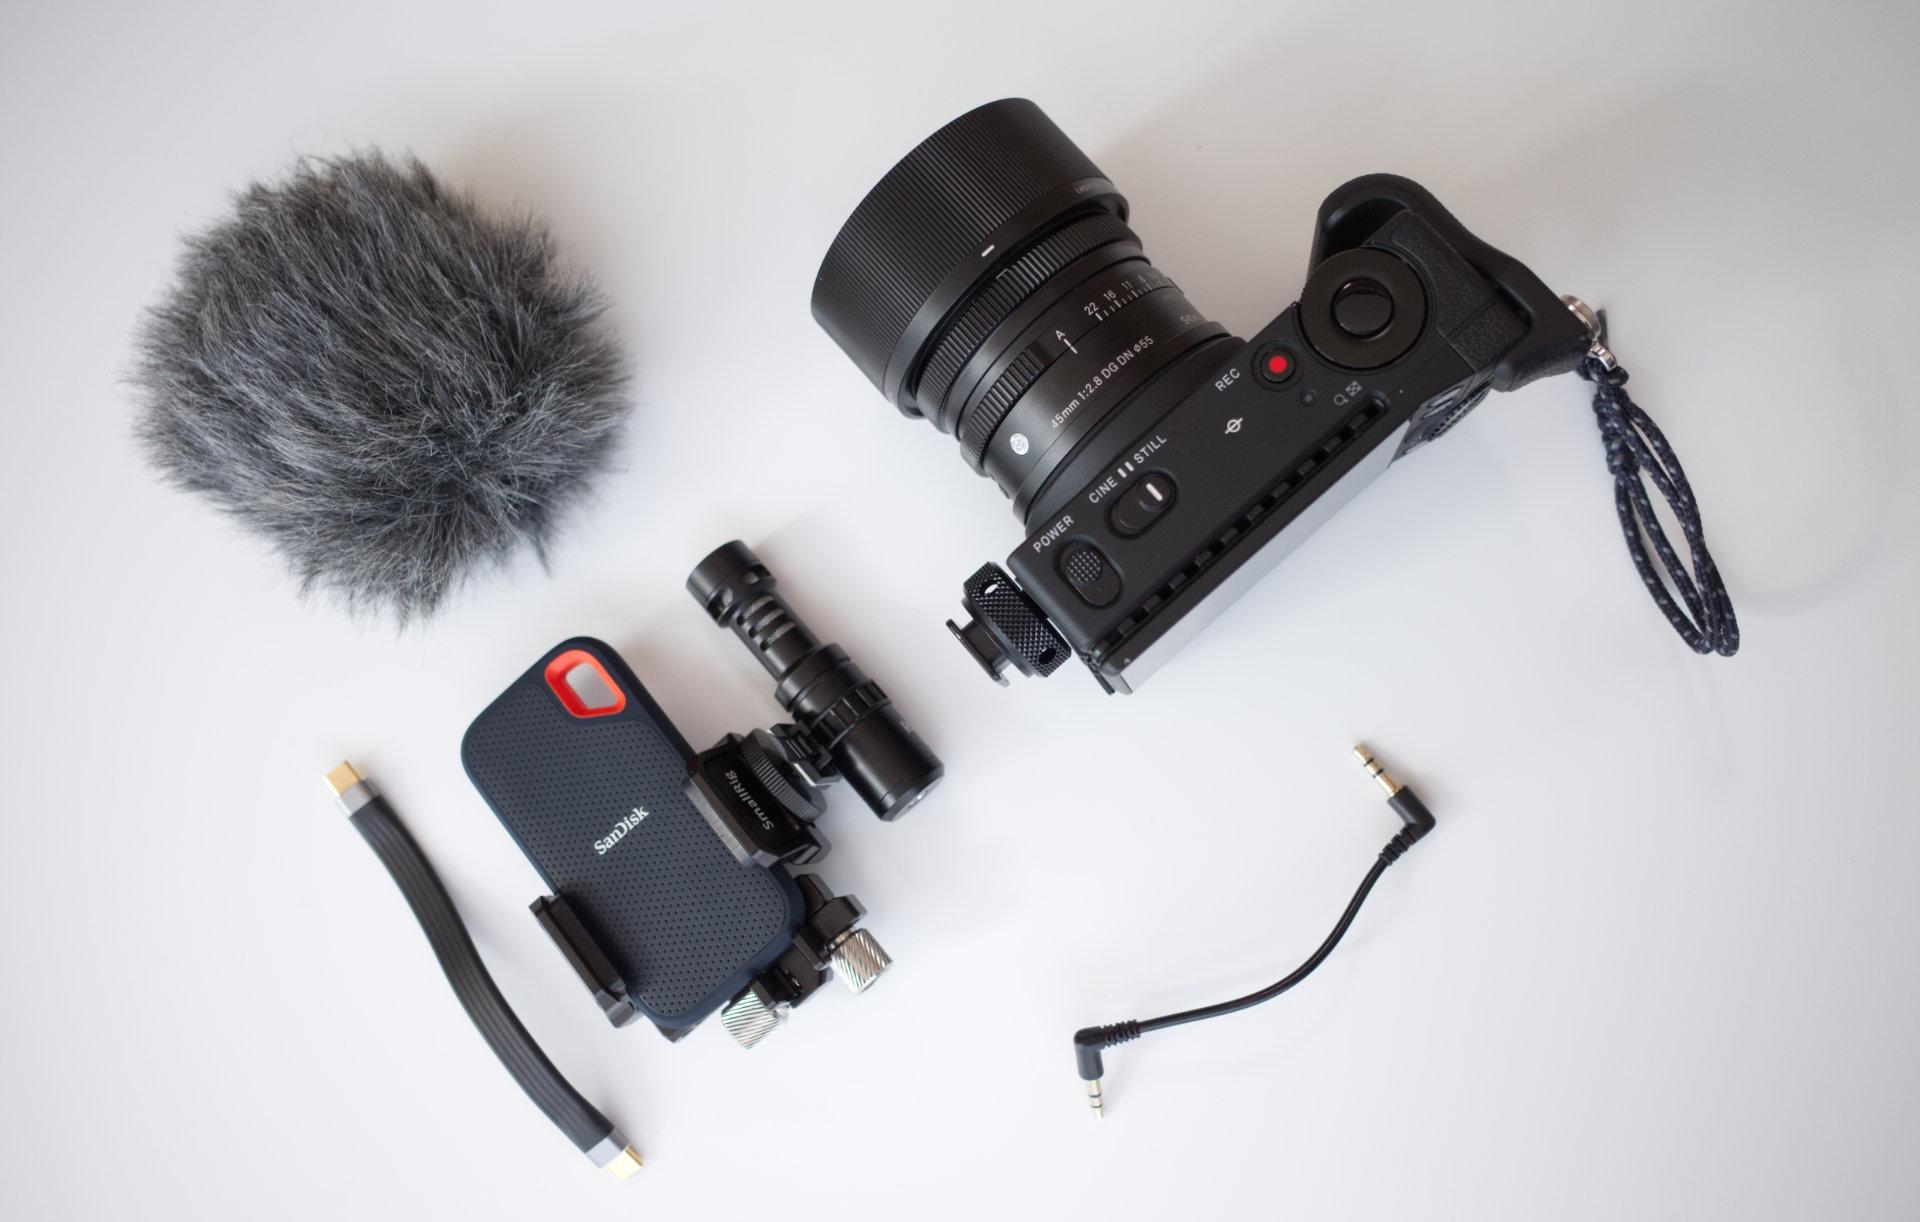 SIGMA fp + SmallRig SSDクランプ + RODE VideoMicroのマイク + USBケーブルの組み立て前の写真